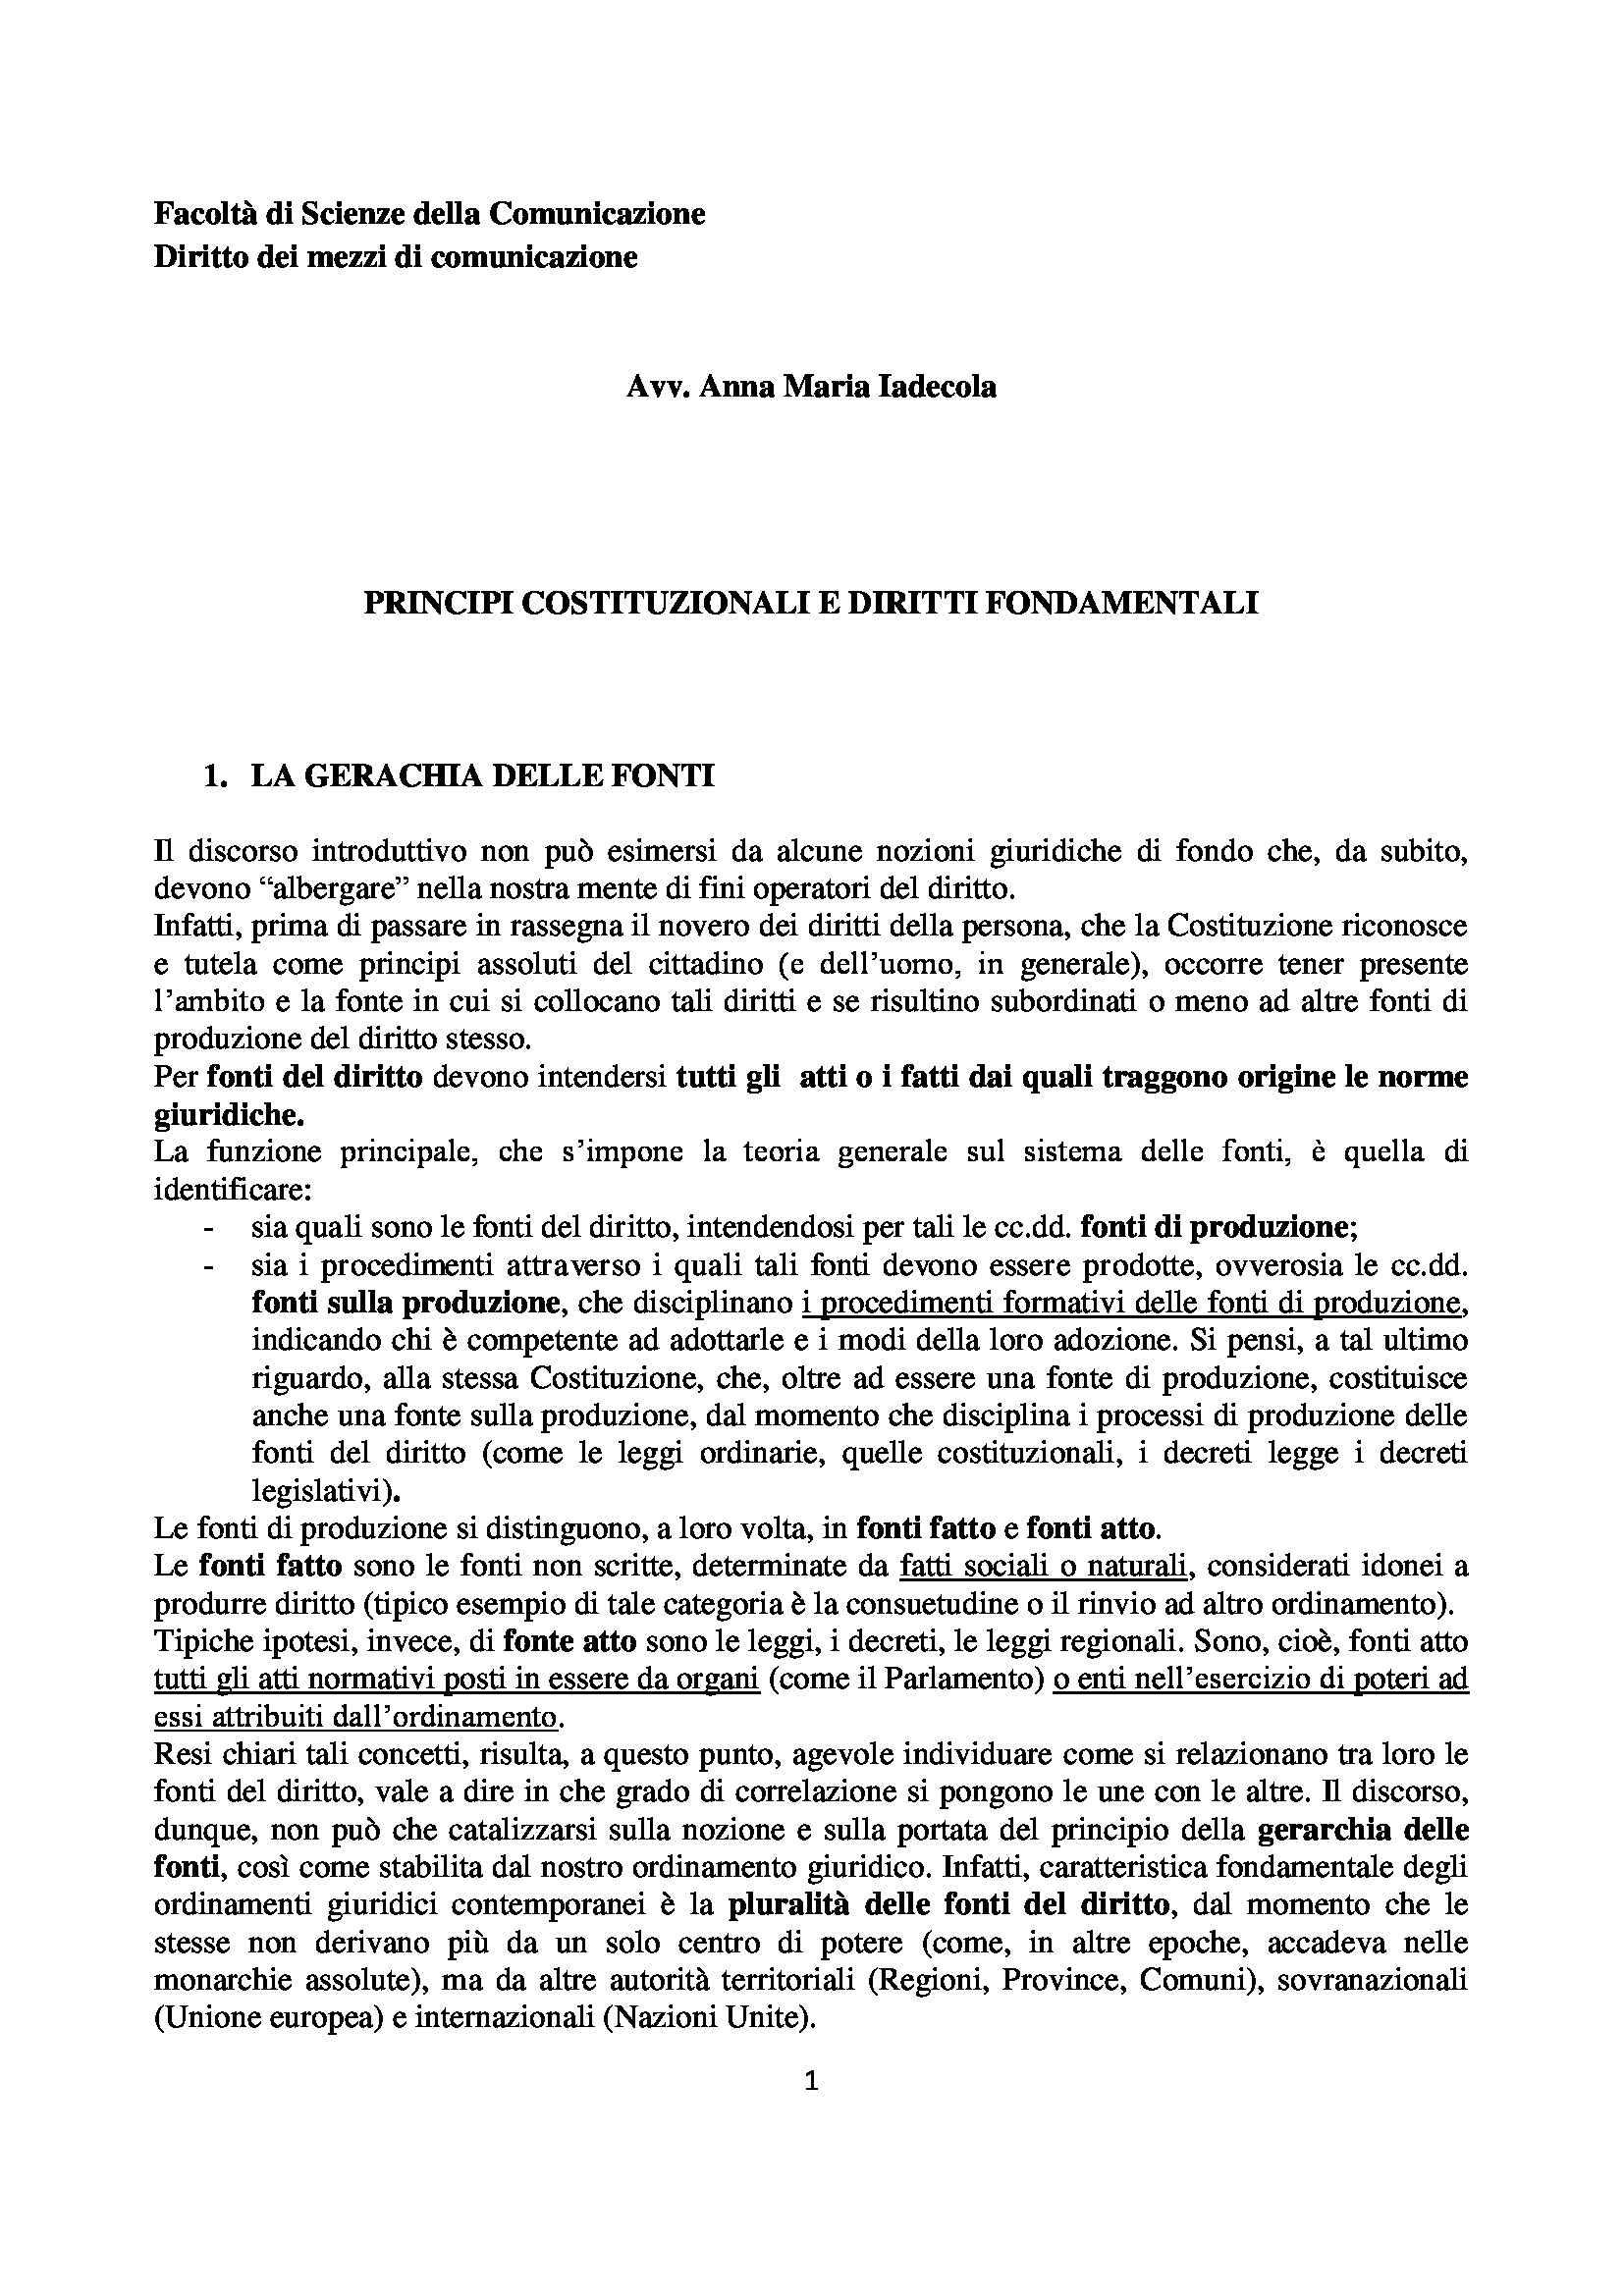 Diritto dei mezzi di comunicazione - i principi costituzionali e i diritti fondamentali